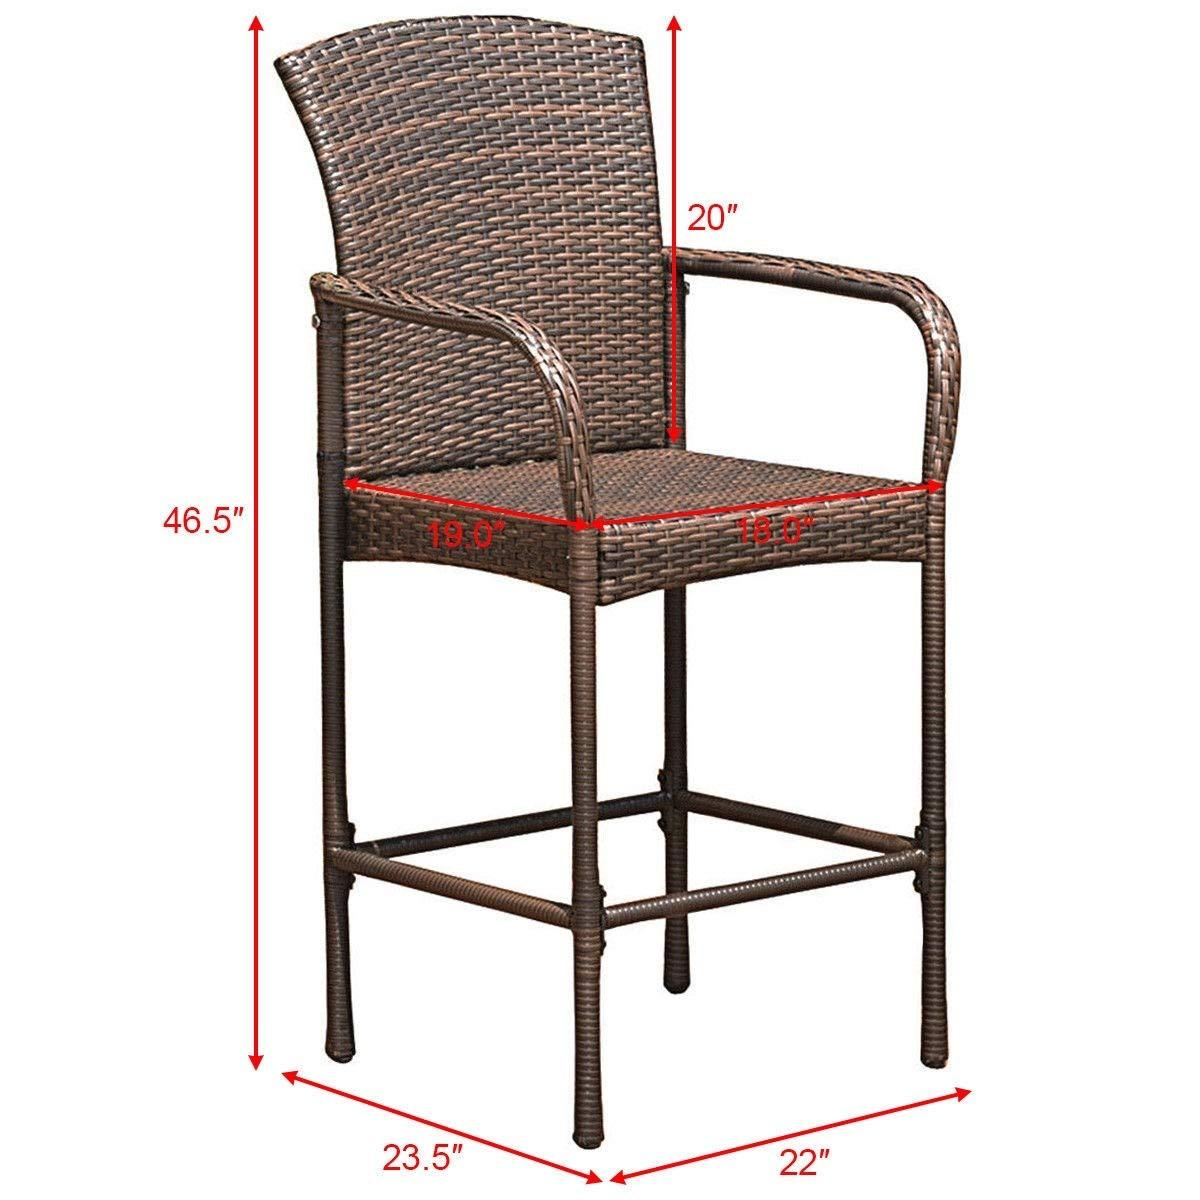 Amazon.com: NanaPluz - 2 sillas de mimbre de mimbre clásicas ...